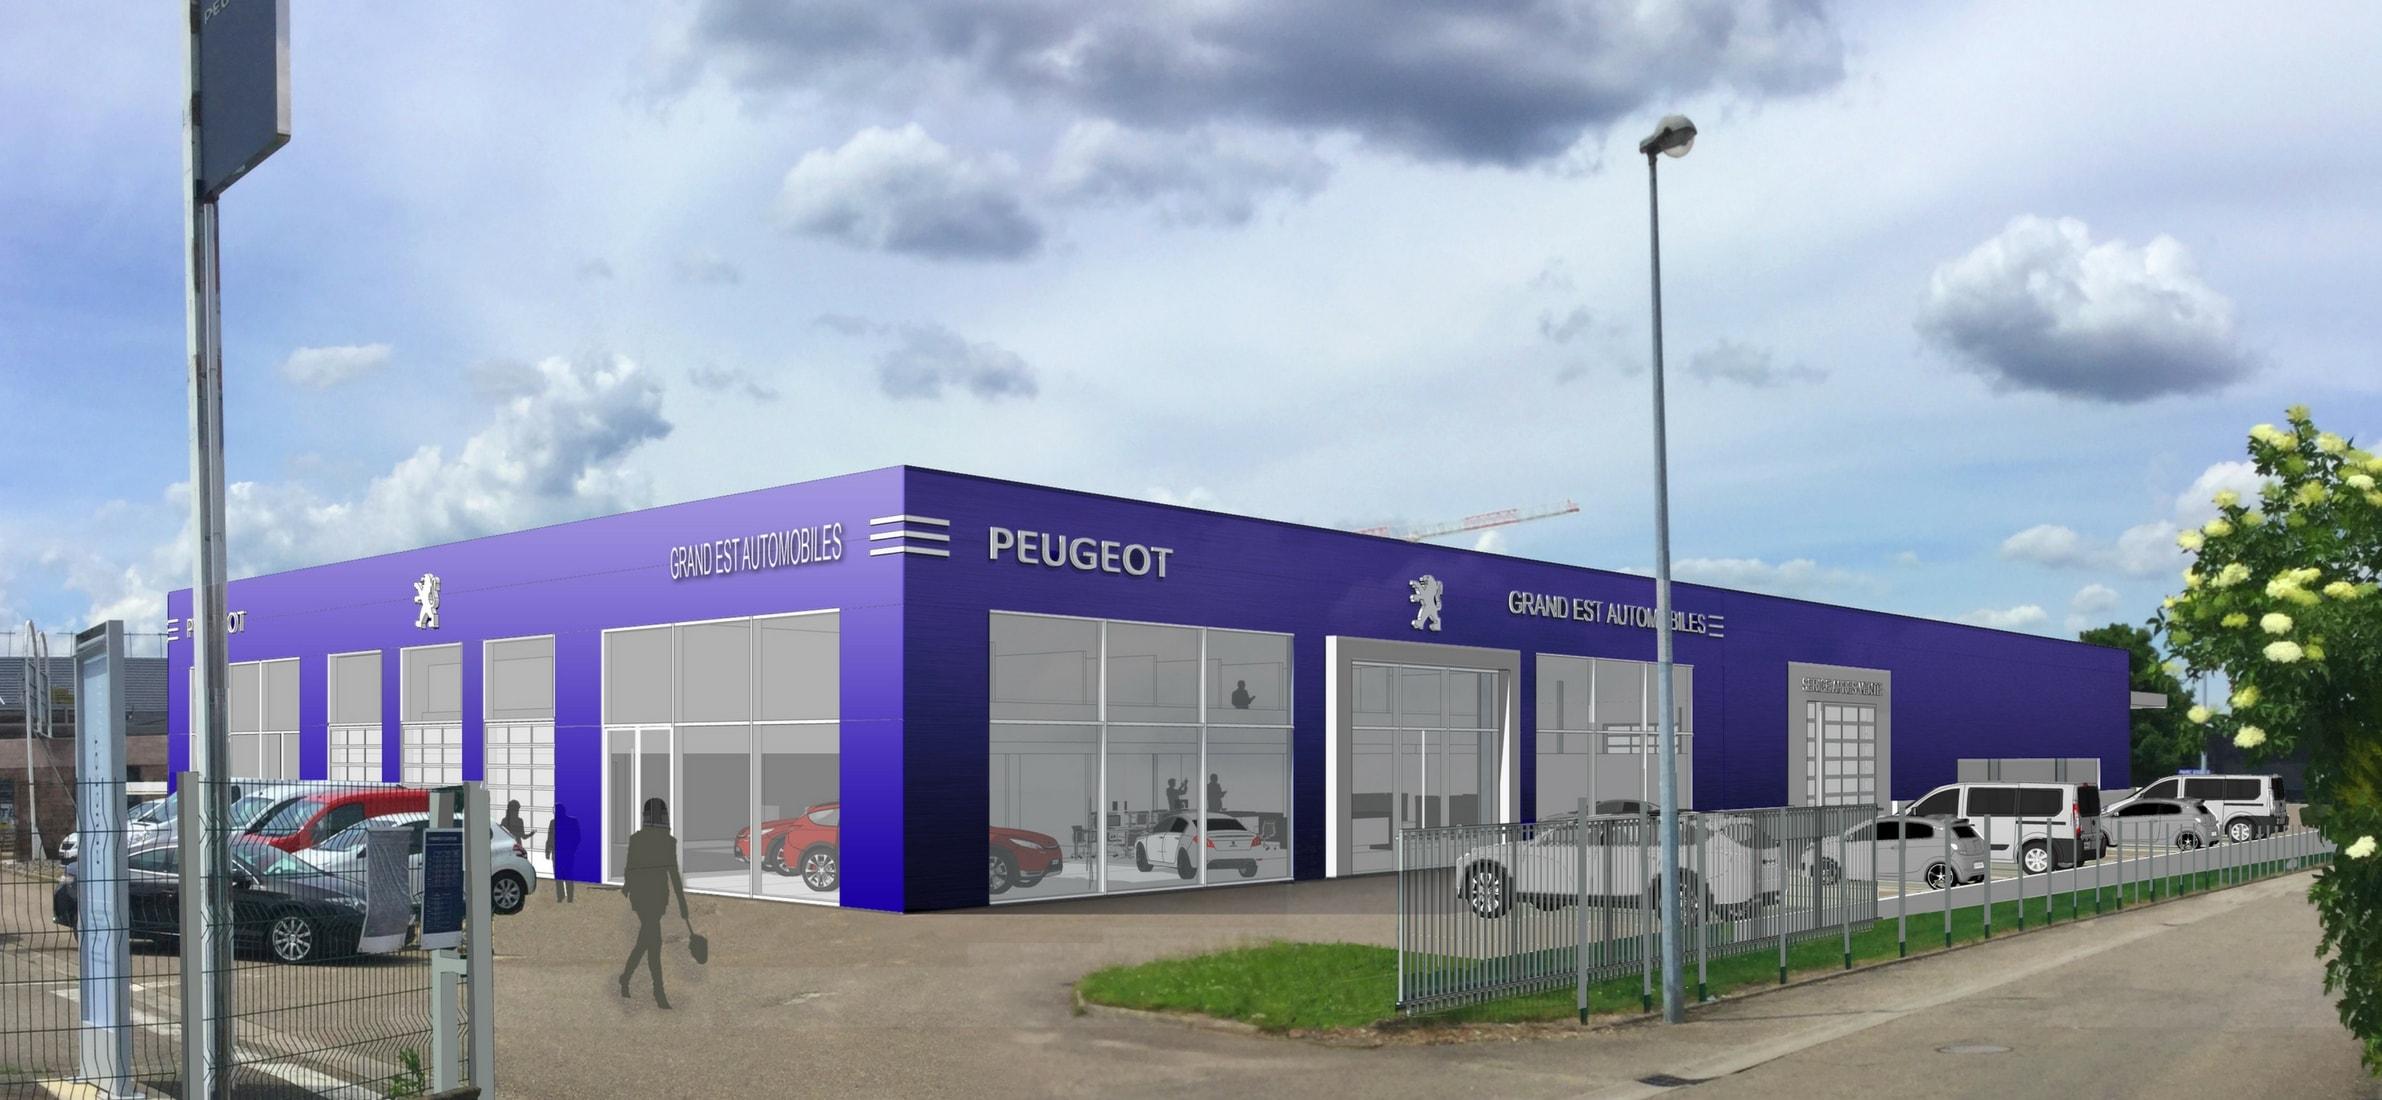 Grand est automobiles peugeot obernai garage et - Grand garage de l herault peugeot montpellier ...